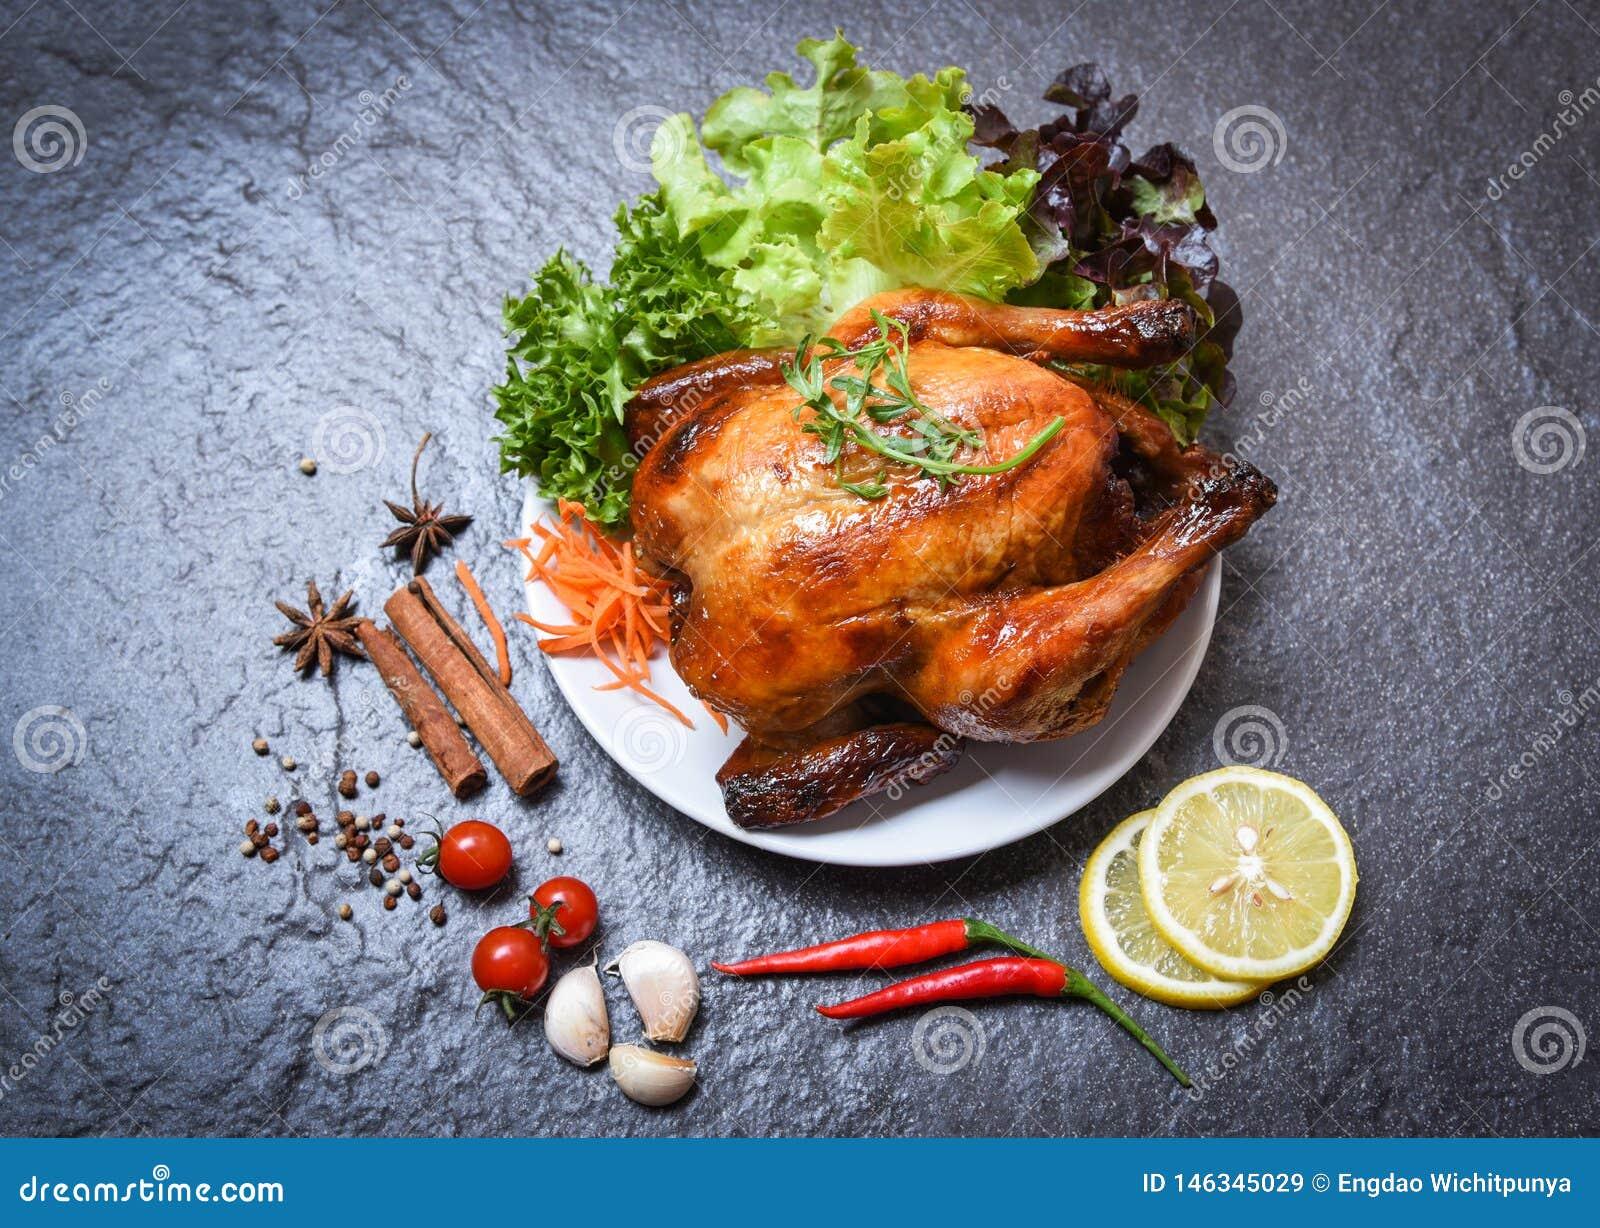 Pollo asado/pollo entero cocido asado a la parrilla en la placa con las hierbas y especias y fondo oscuro